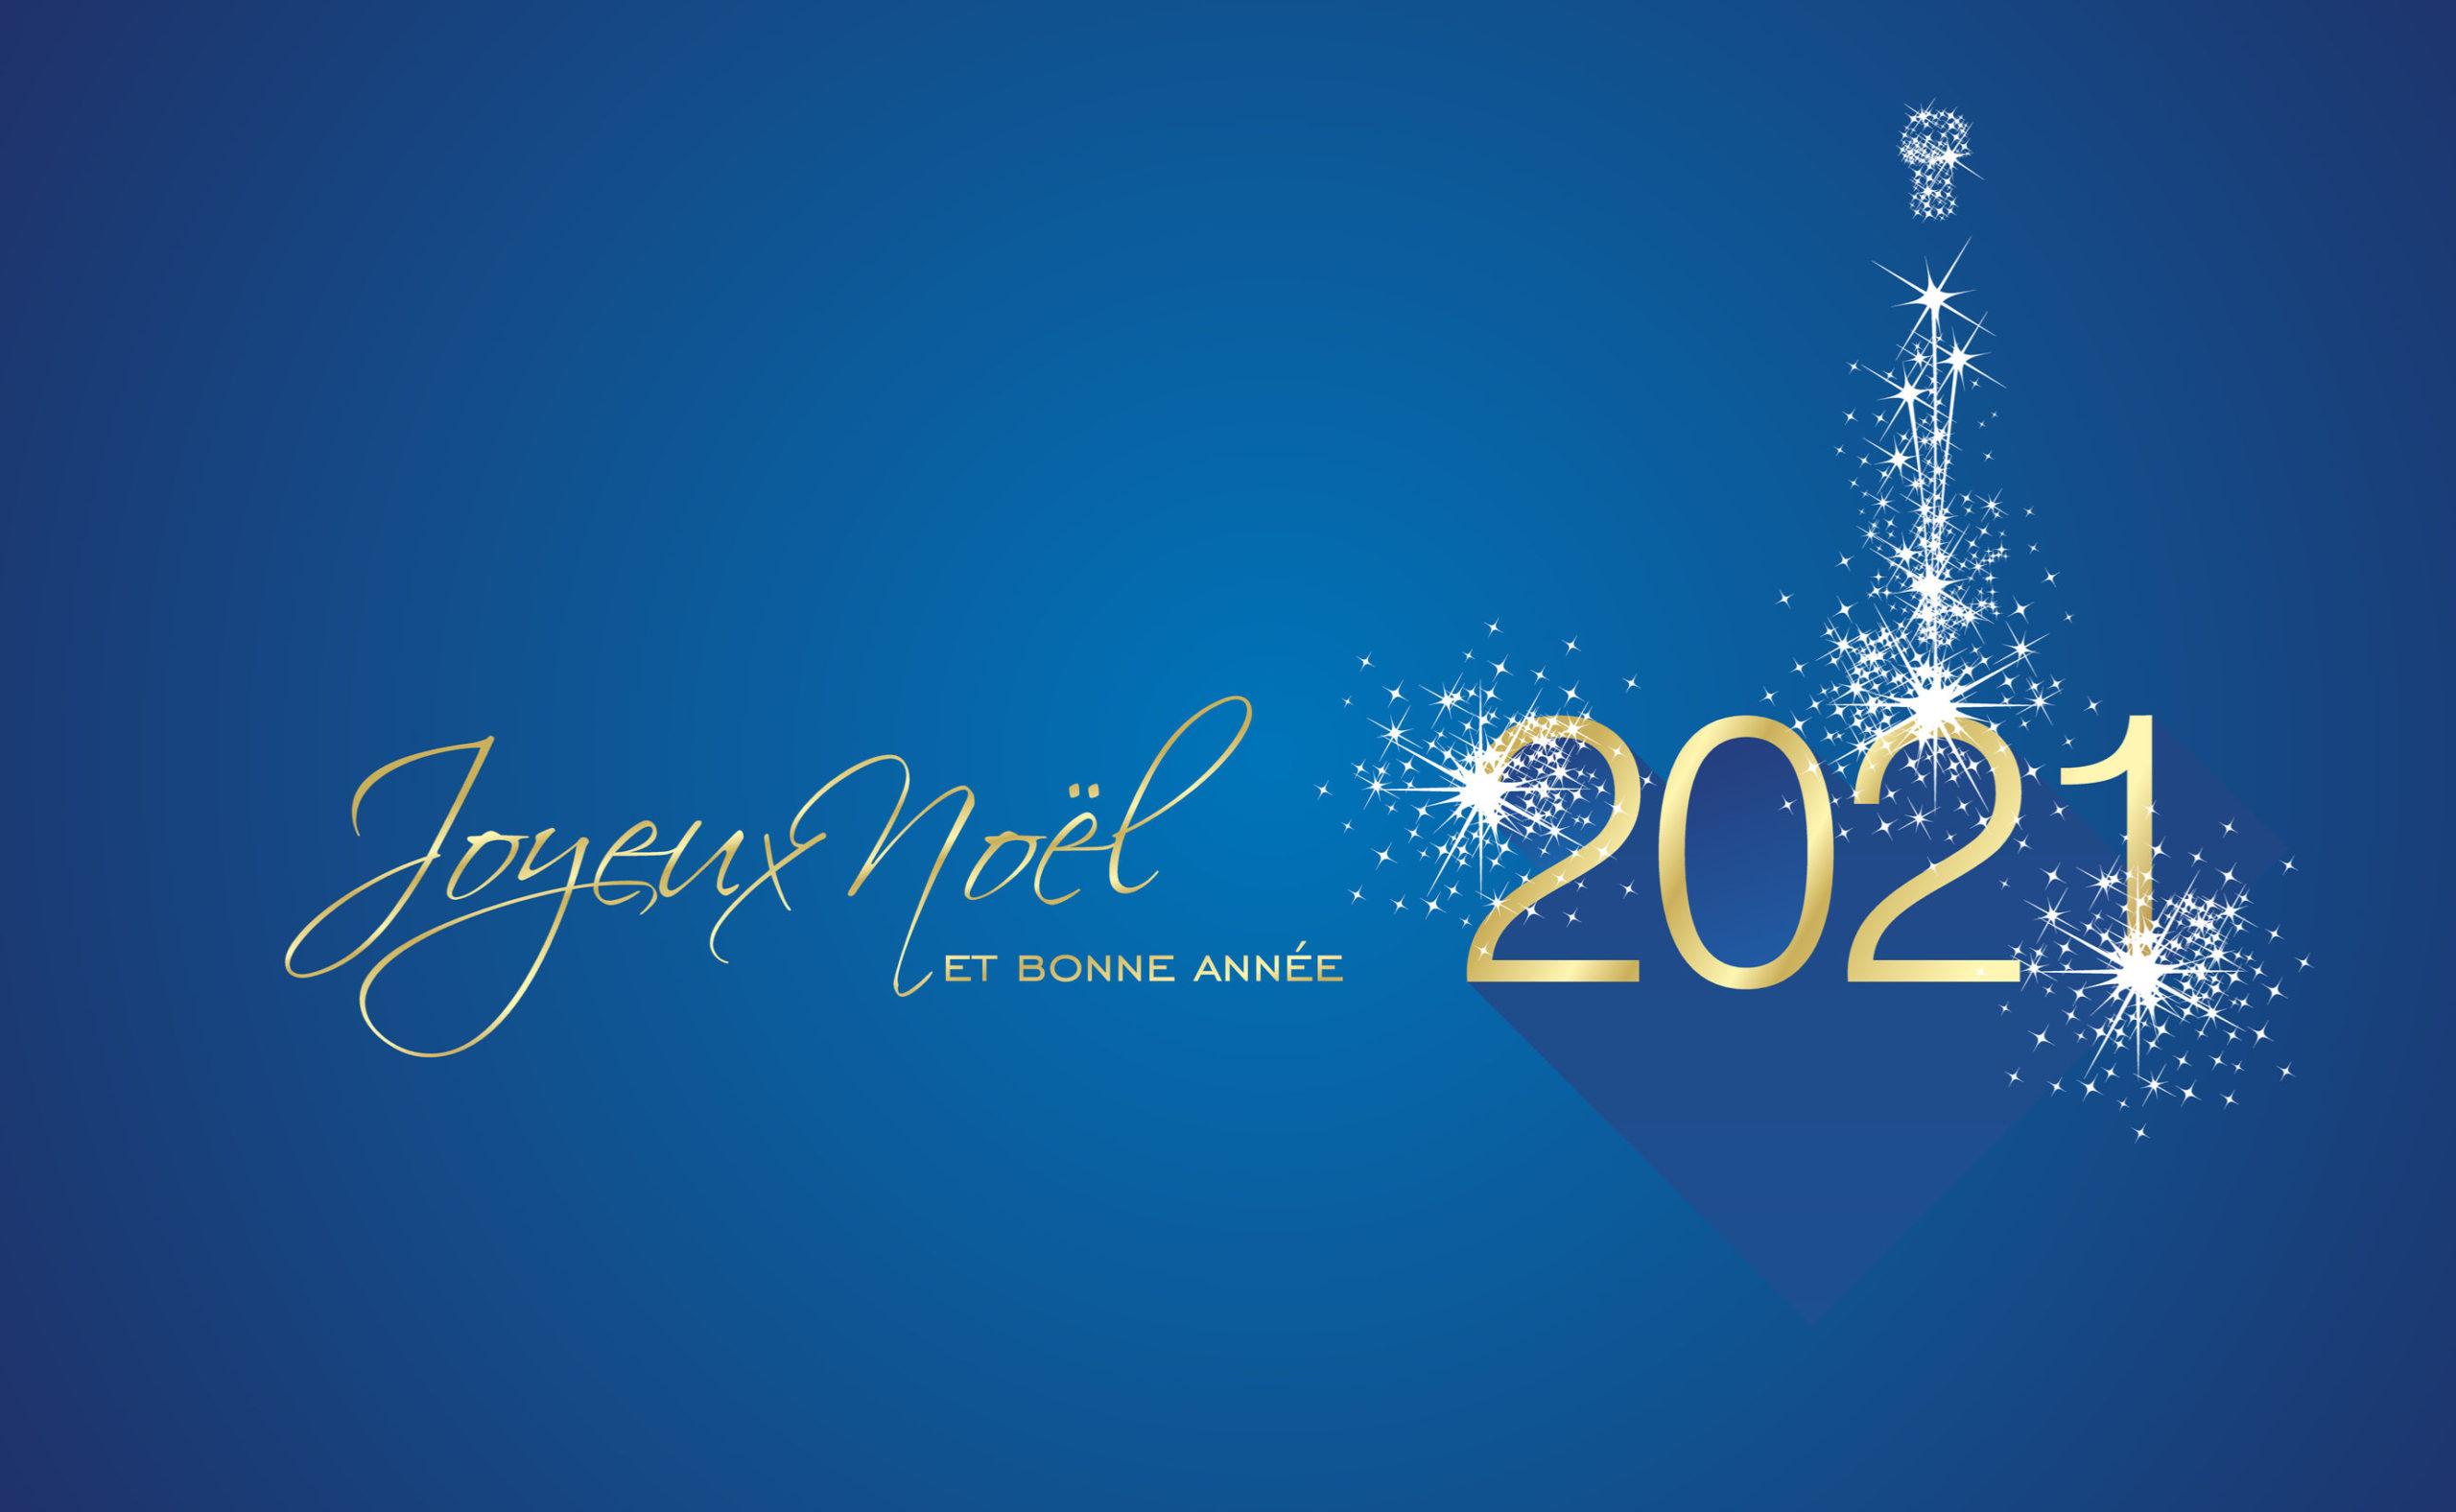 Joyeuses fêtes et bonne année 2021 !